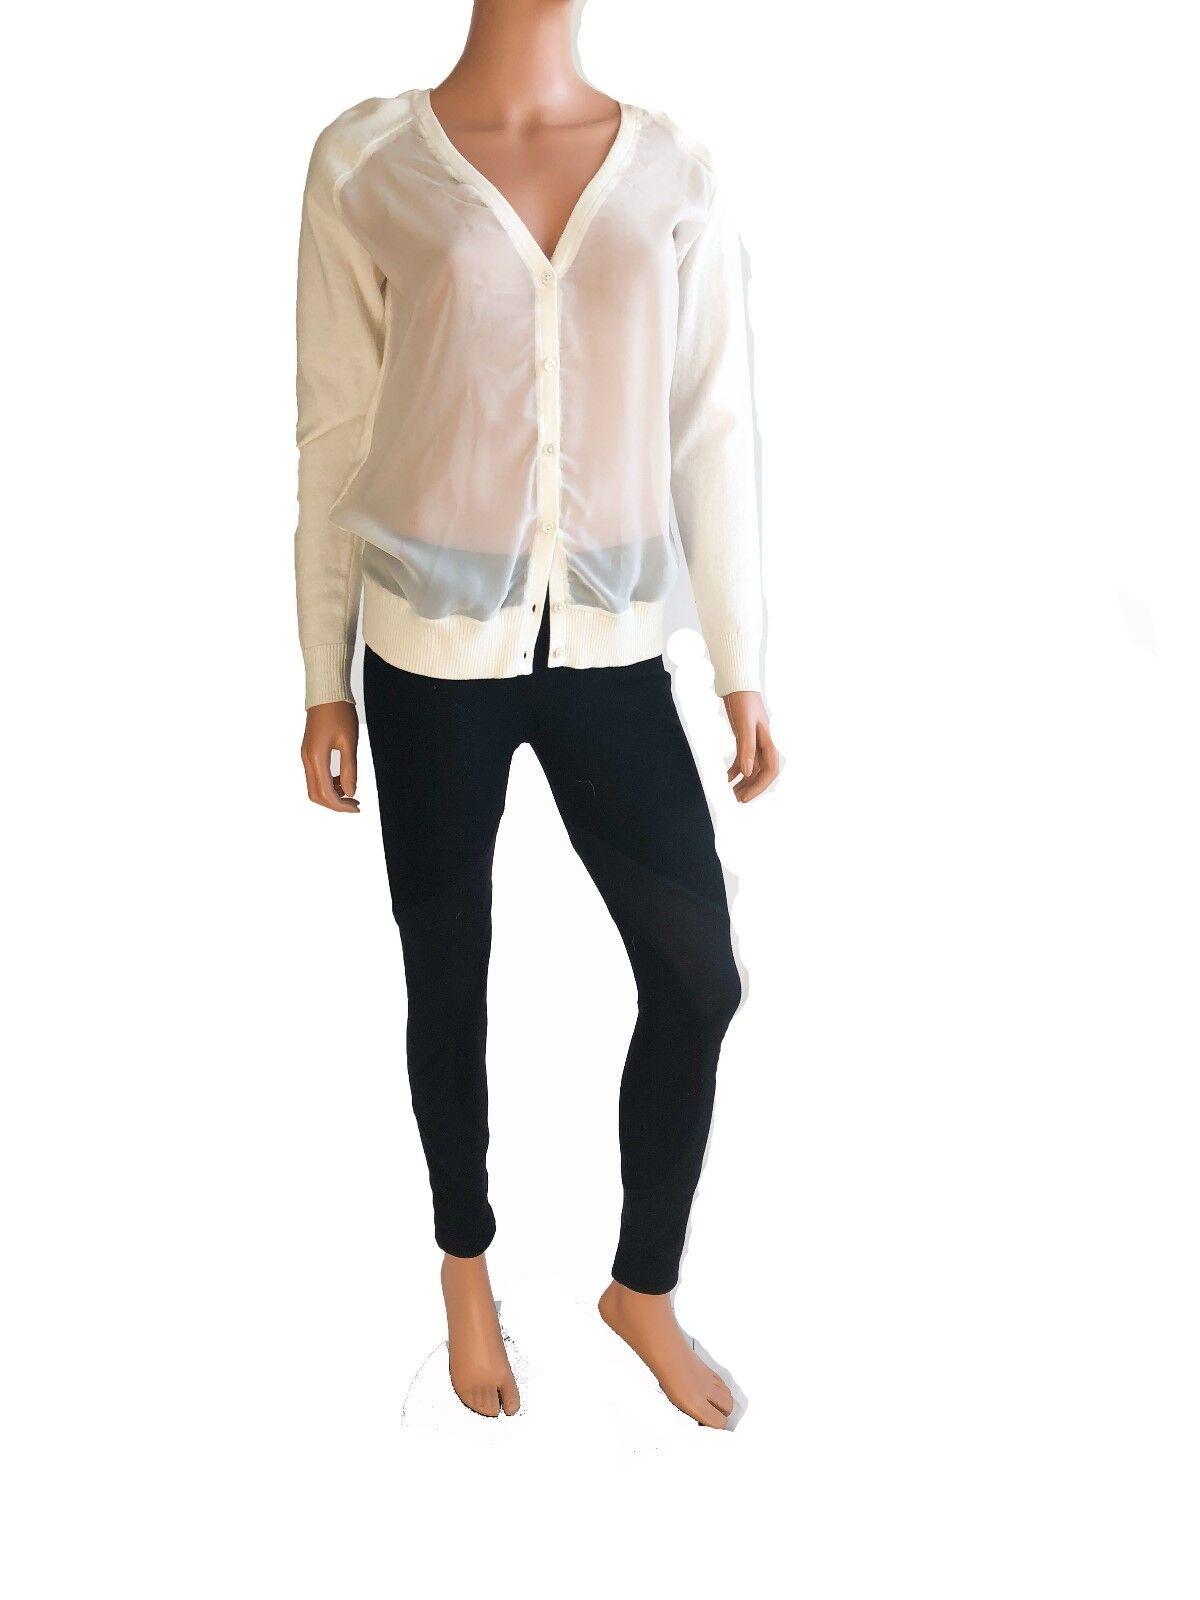 Haute Hippie longsleeve Weiß silk sweater Größe S